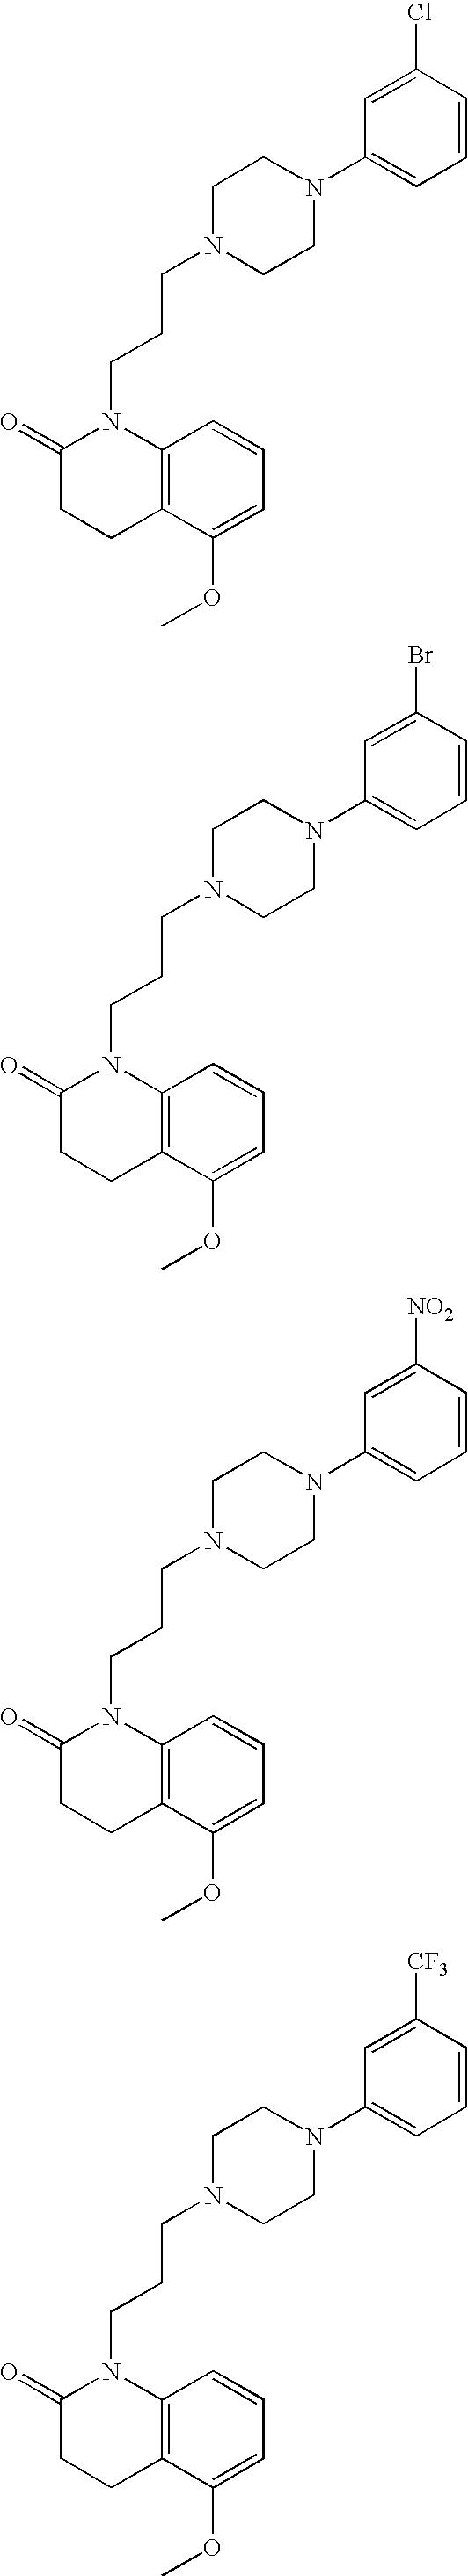 Figure US20100009983A1-20100114-C00137